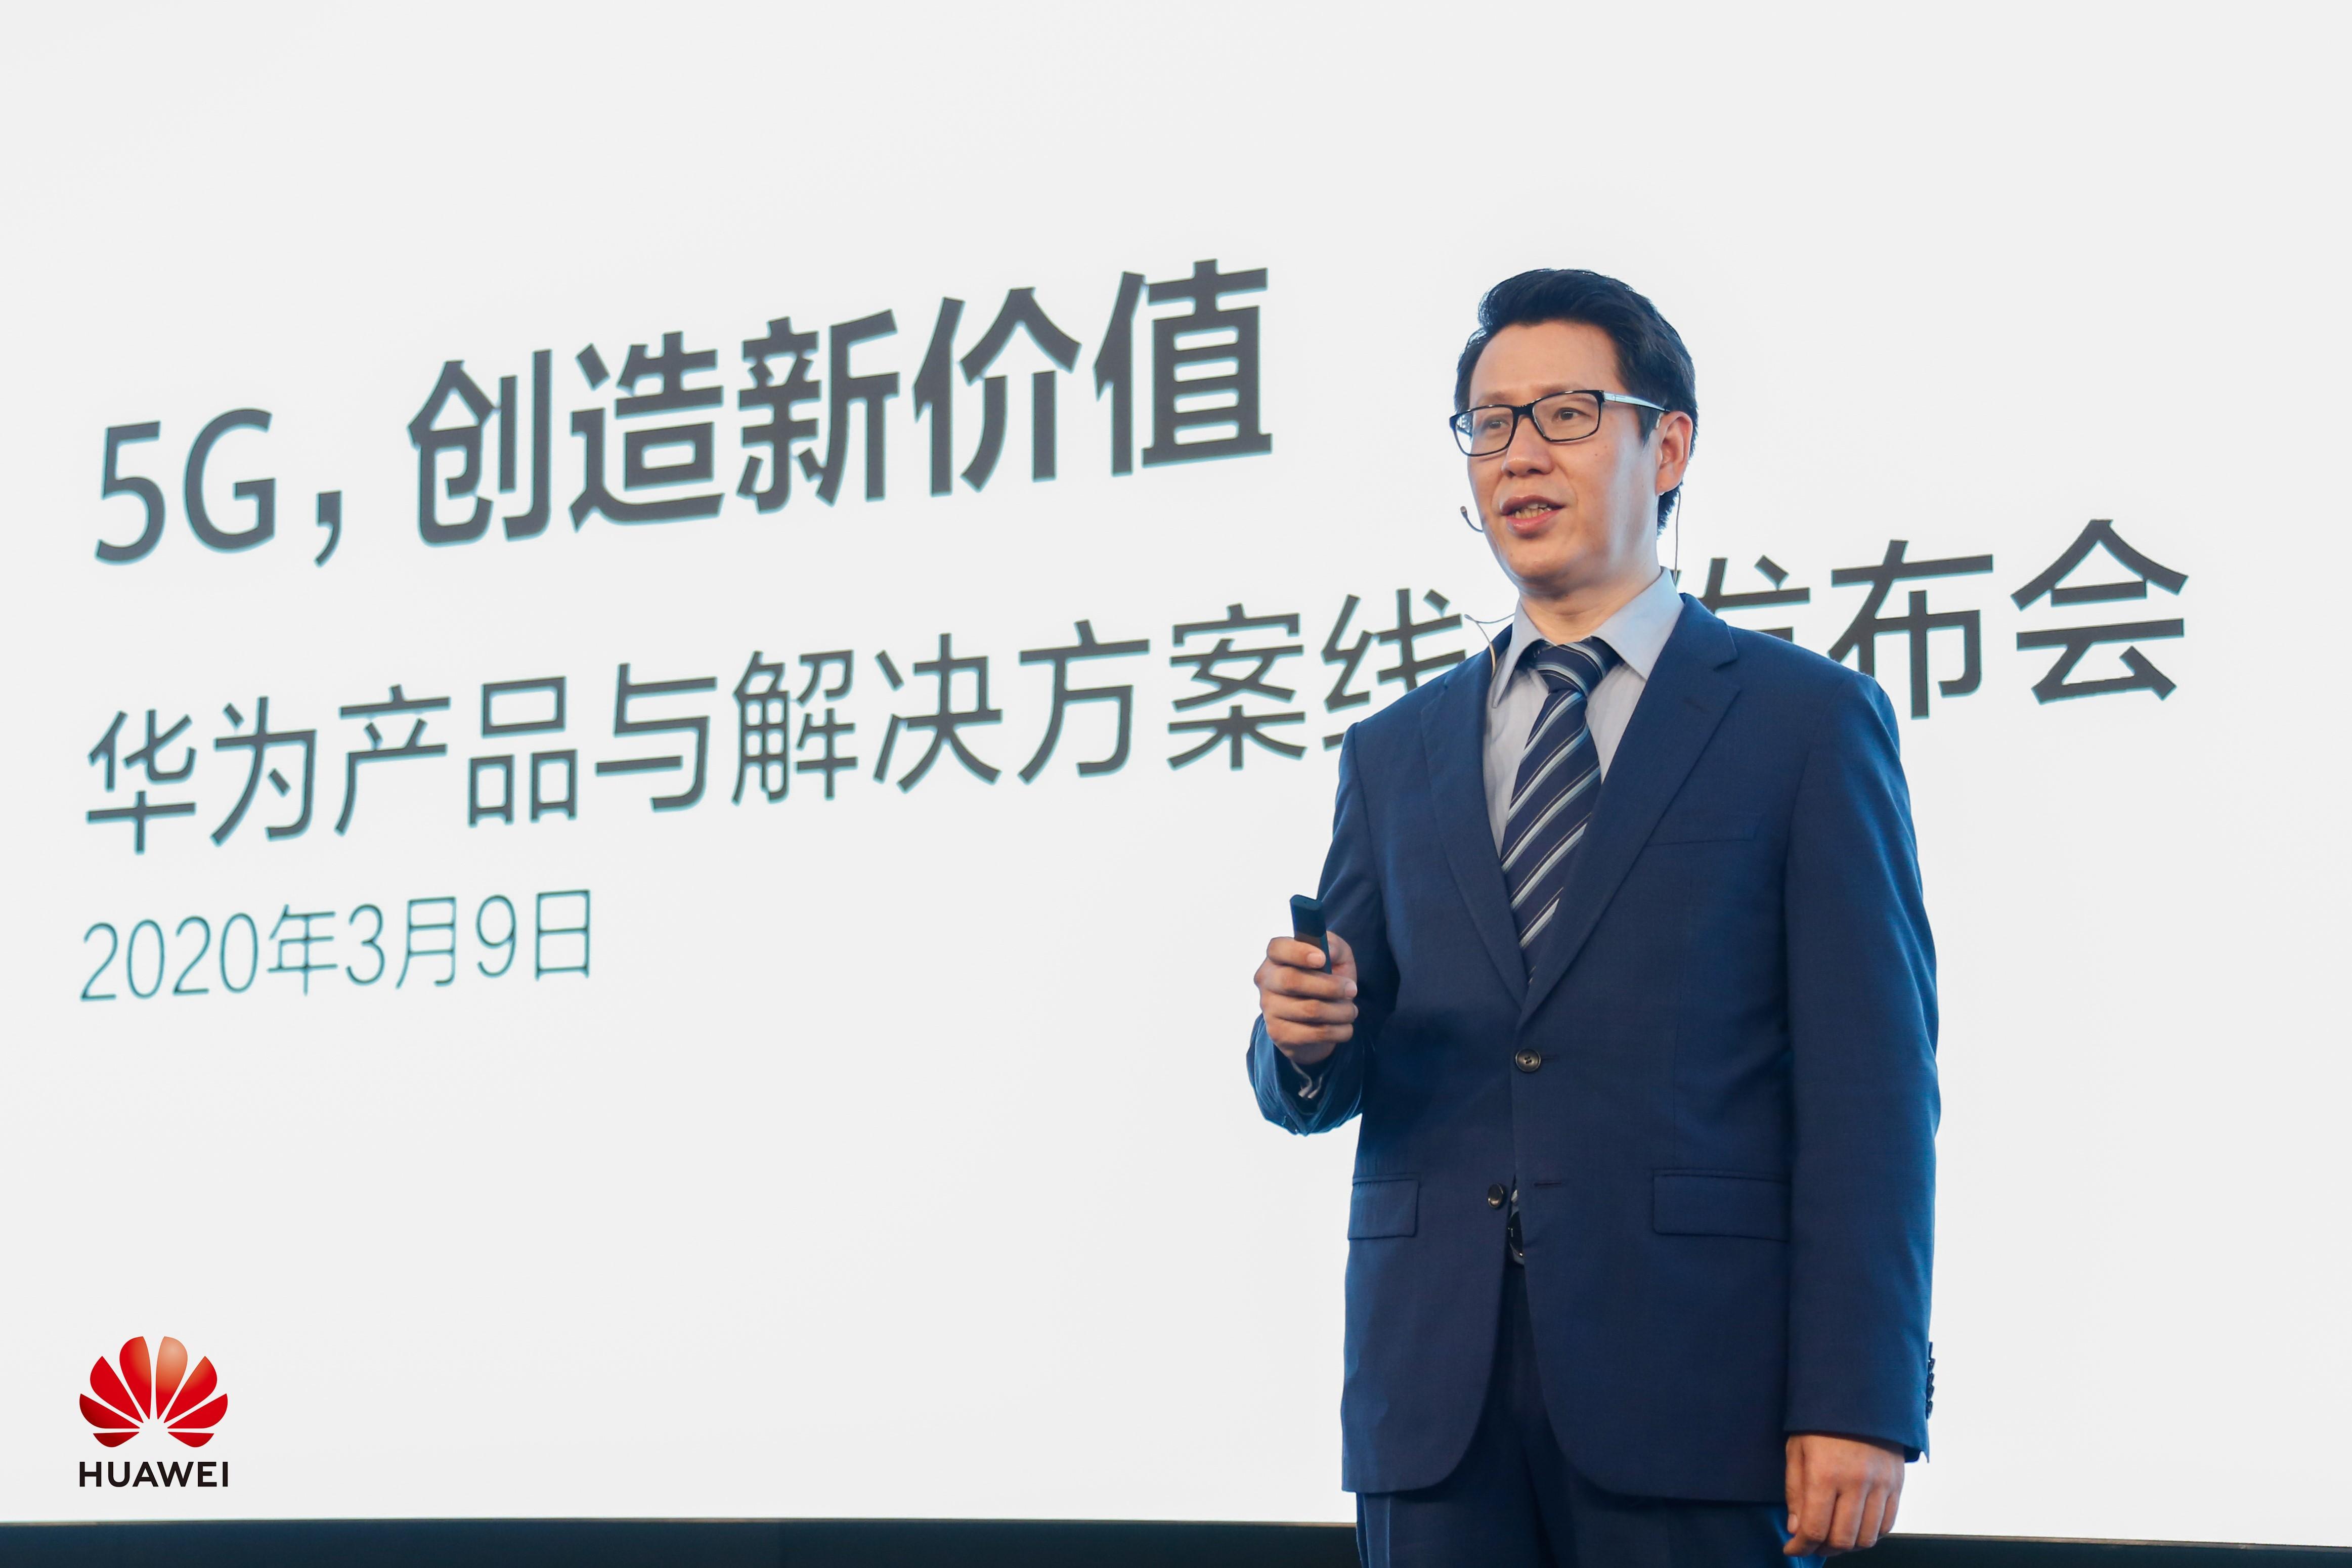 """华为以""""5G,创造新价值""""为主题,举办产品与解决方案线上发布会"""